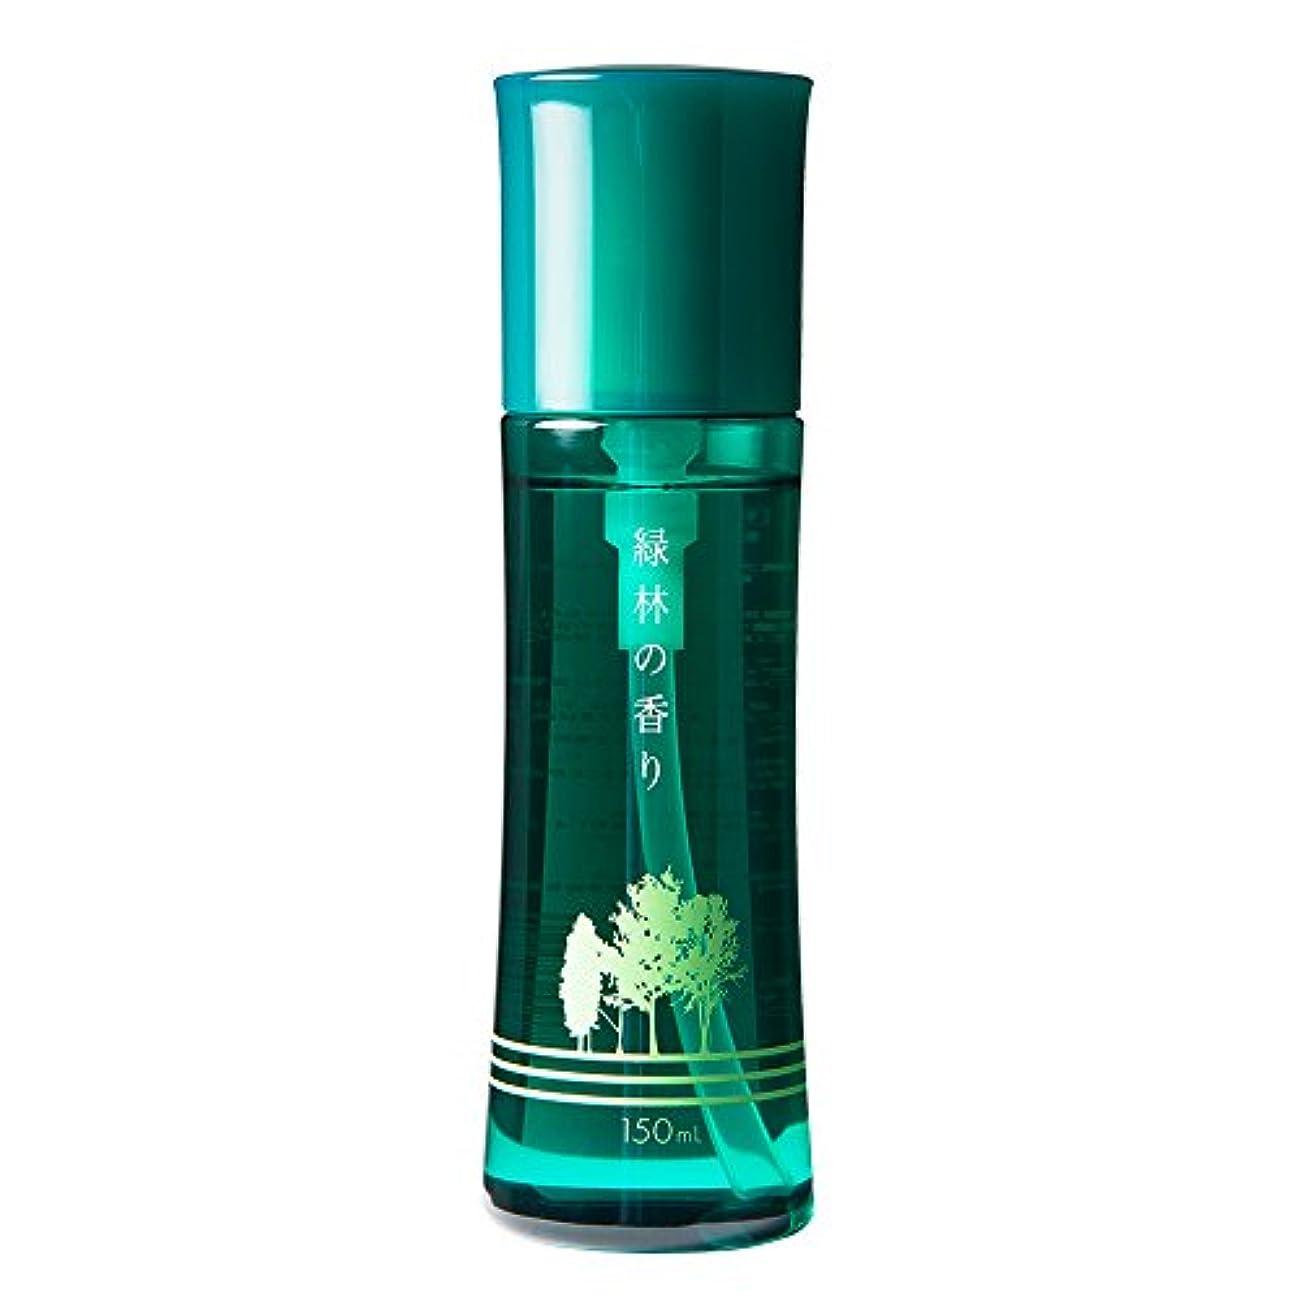 上向き考古学者習慣芳香剤「緑林の香り(みどりの香り)」150mL 日本予防医薬